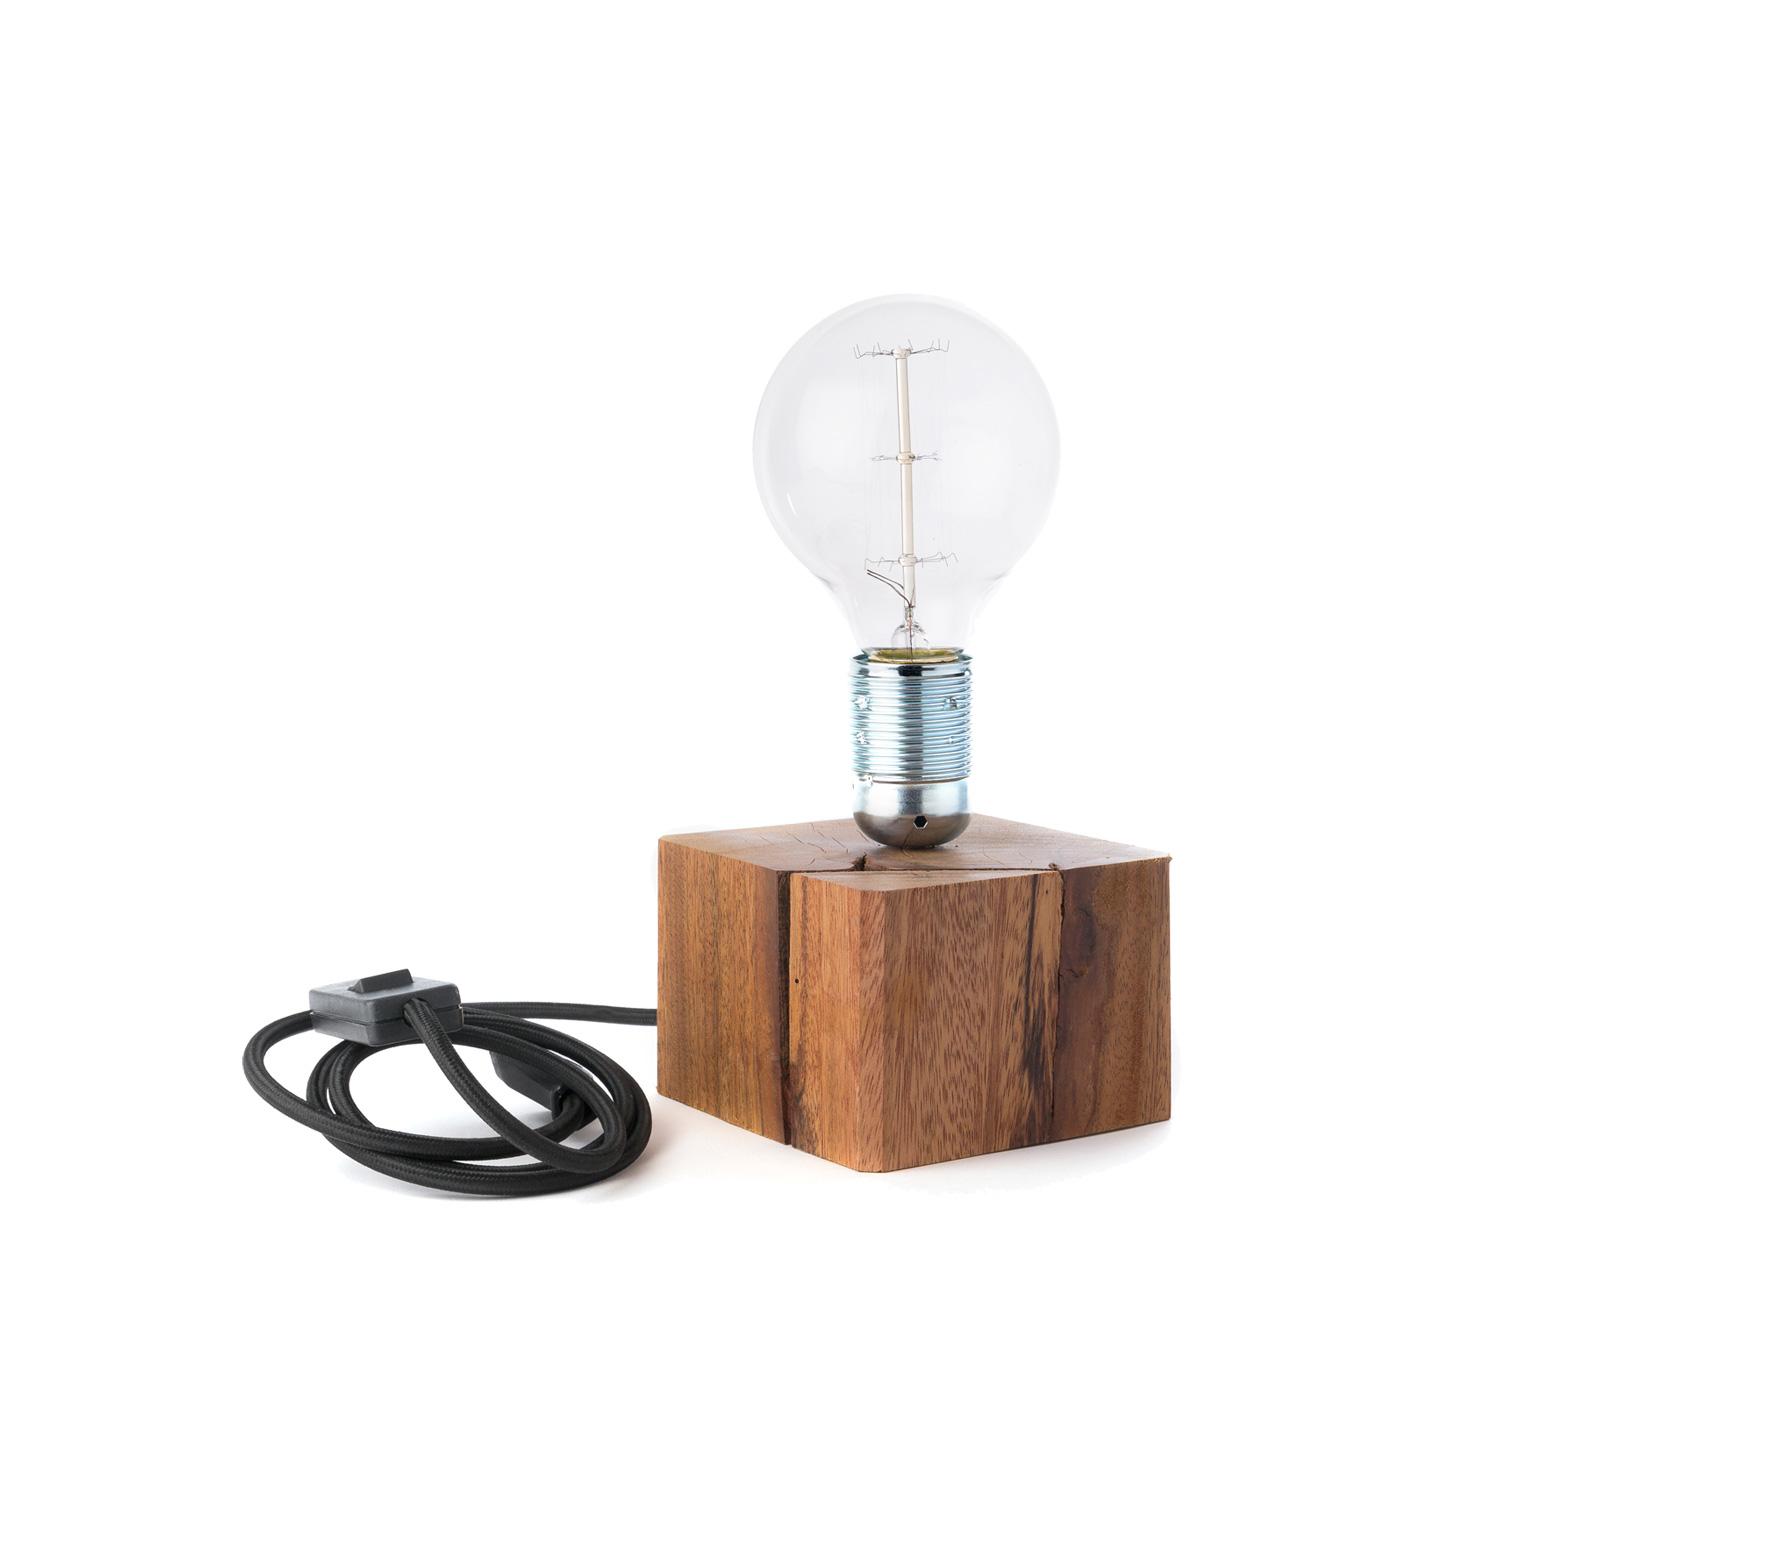 Populair Mees tafellamp S incl. lamp hout wordt gratis thuisbezorgd met 60 NZ44